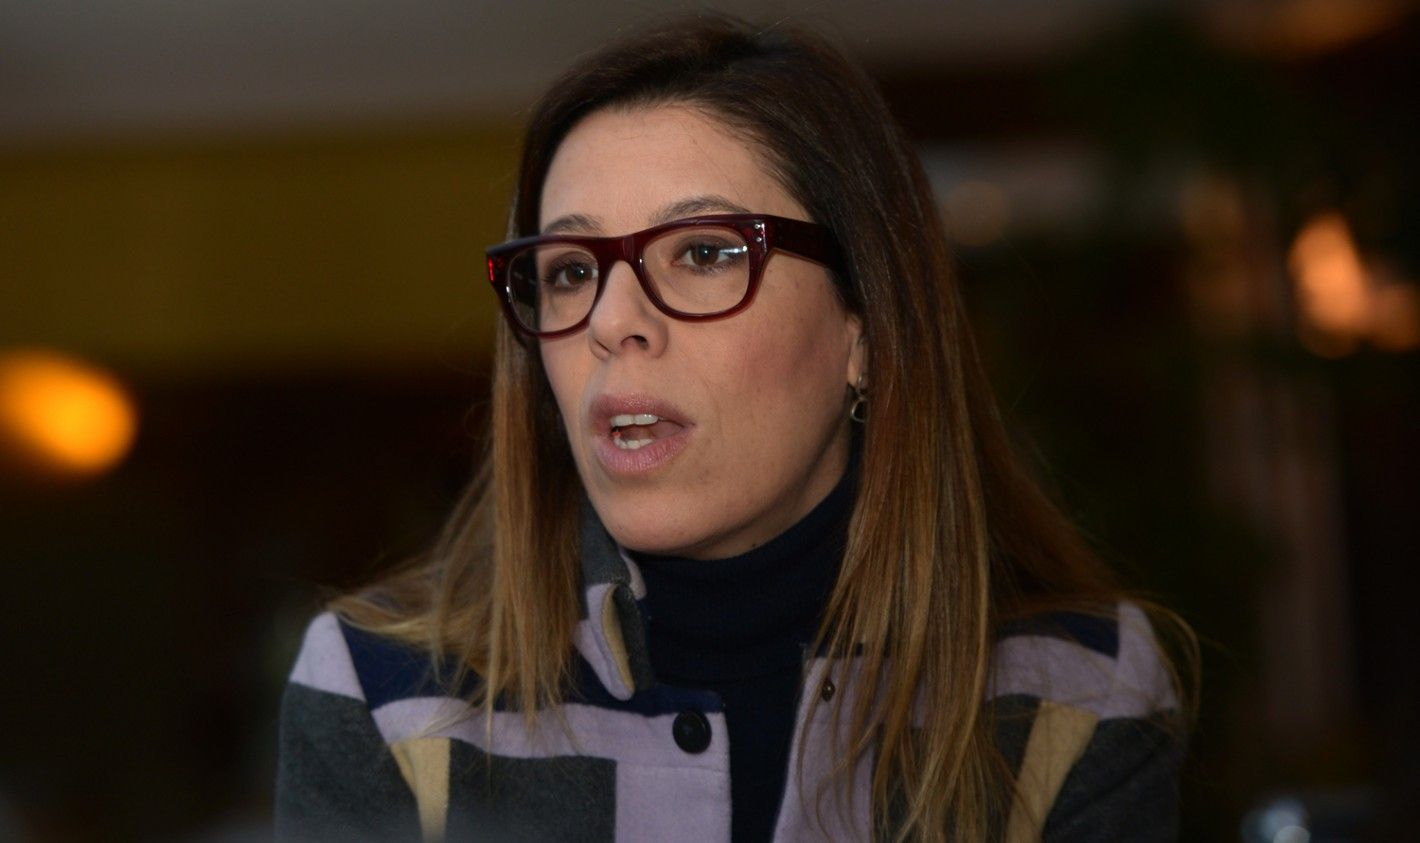 La Auditoría General de la Nación demandó a la Oficina Anticorrupción